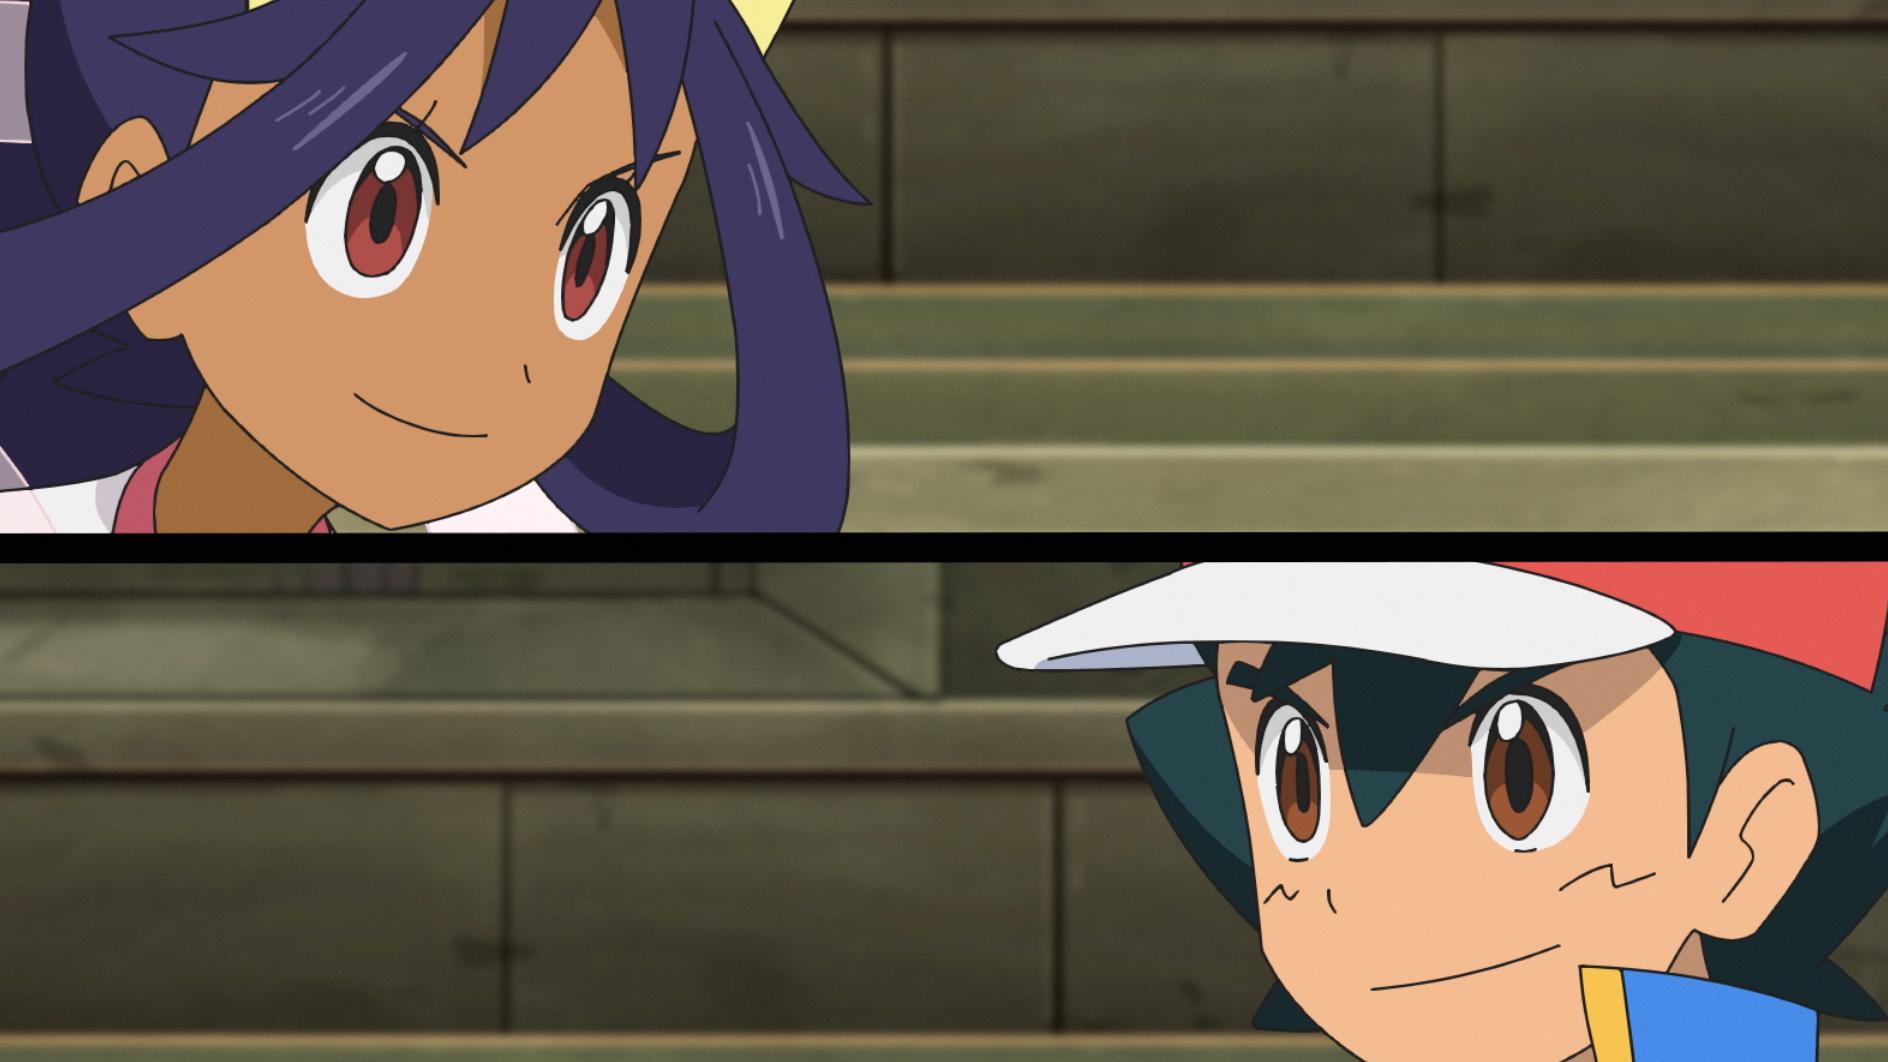 アイリスVSサトシ (C) Nintendo・Creatures・GAME FREAK・TV Tokyo・ShoPro・JR Kikaku (C)  Pokémon